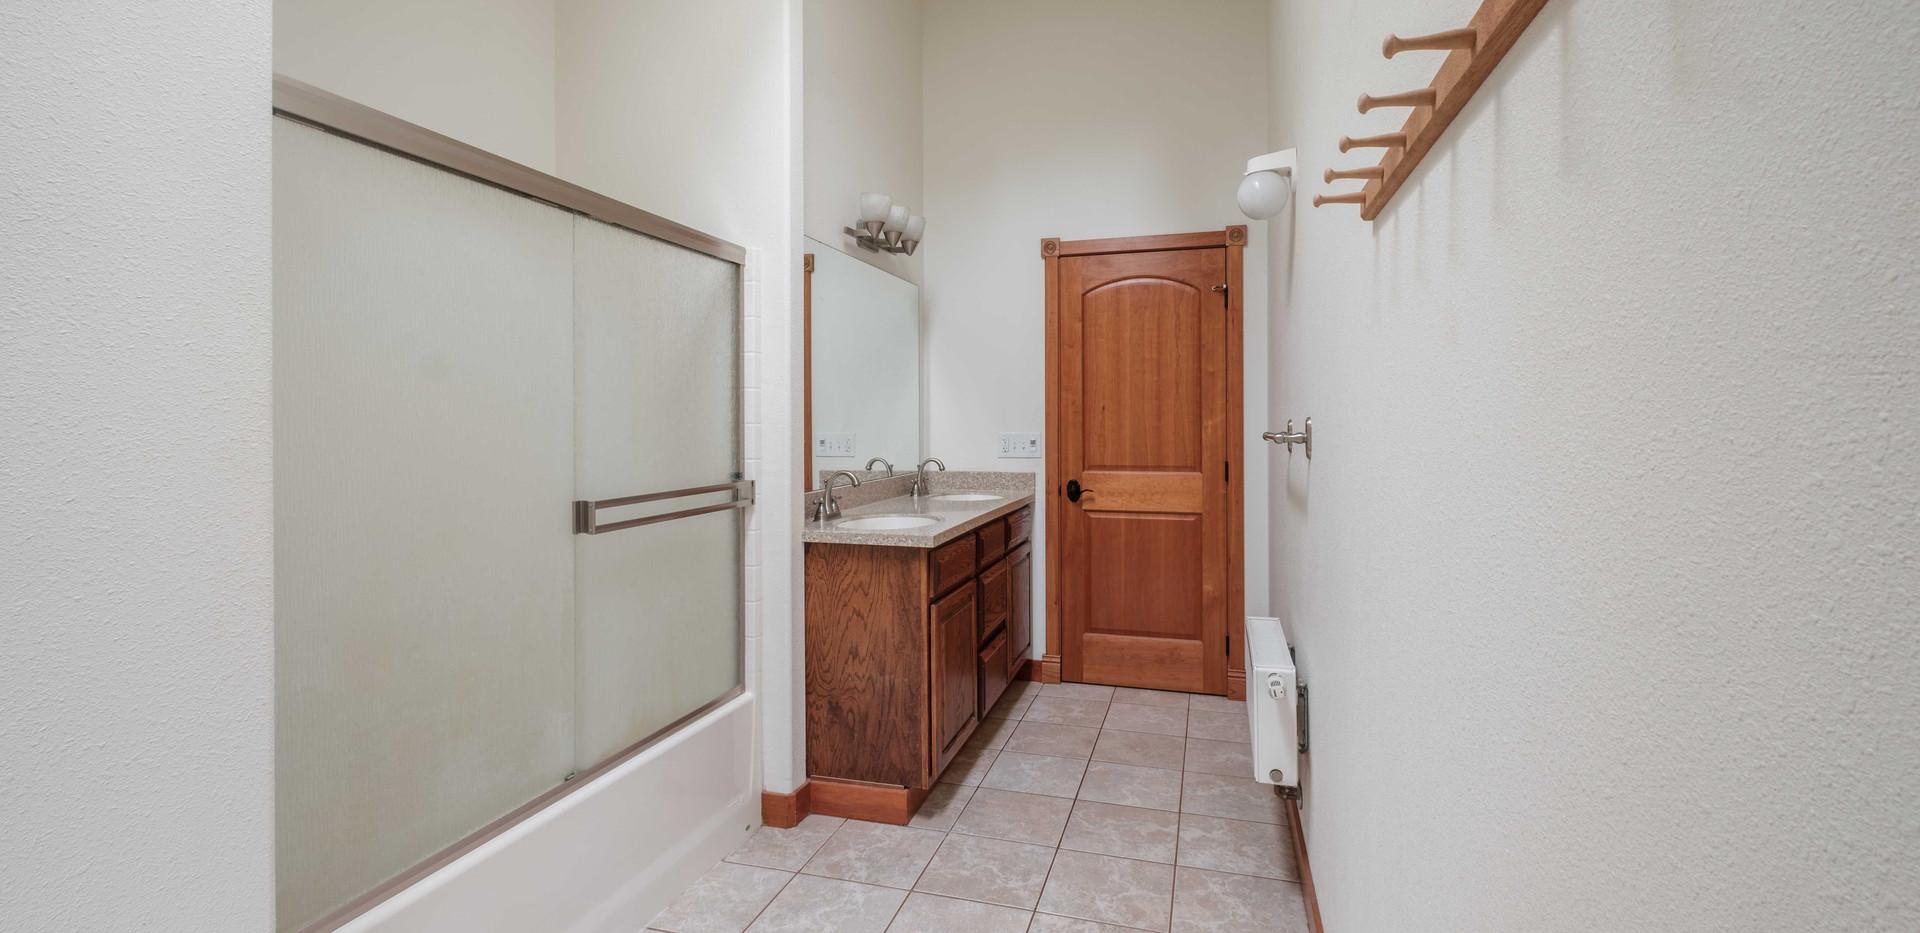 House_Up_Bath_02.jpg